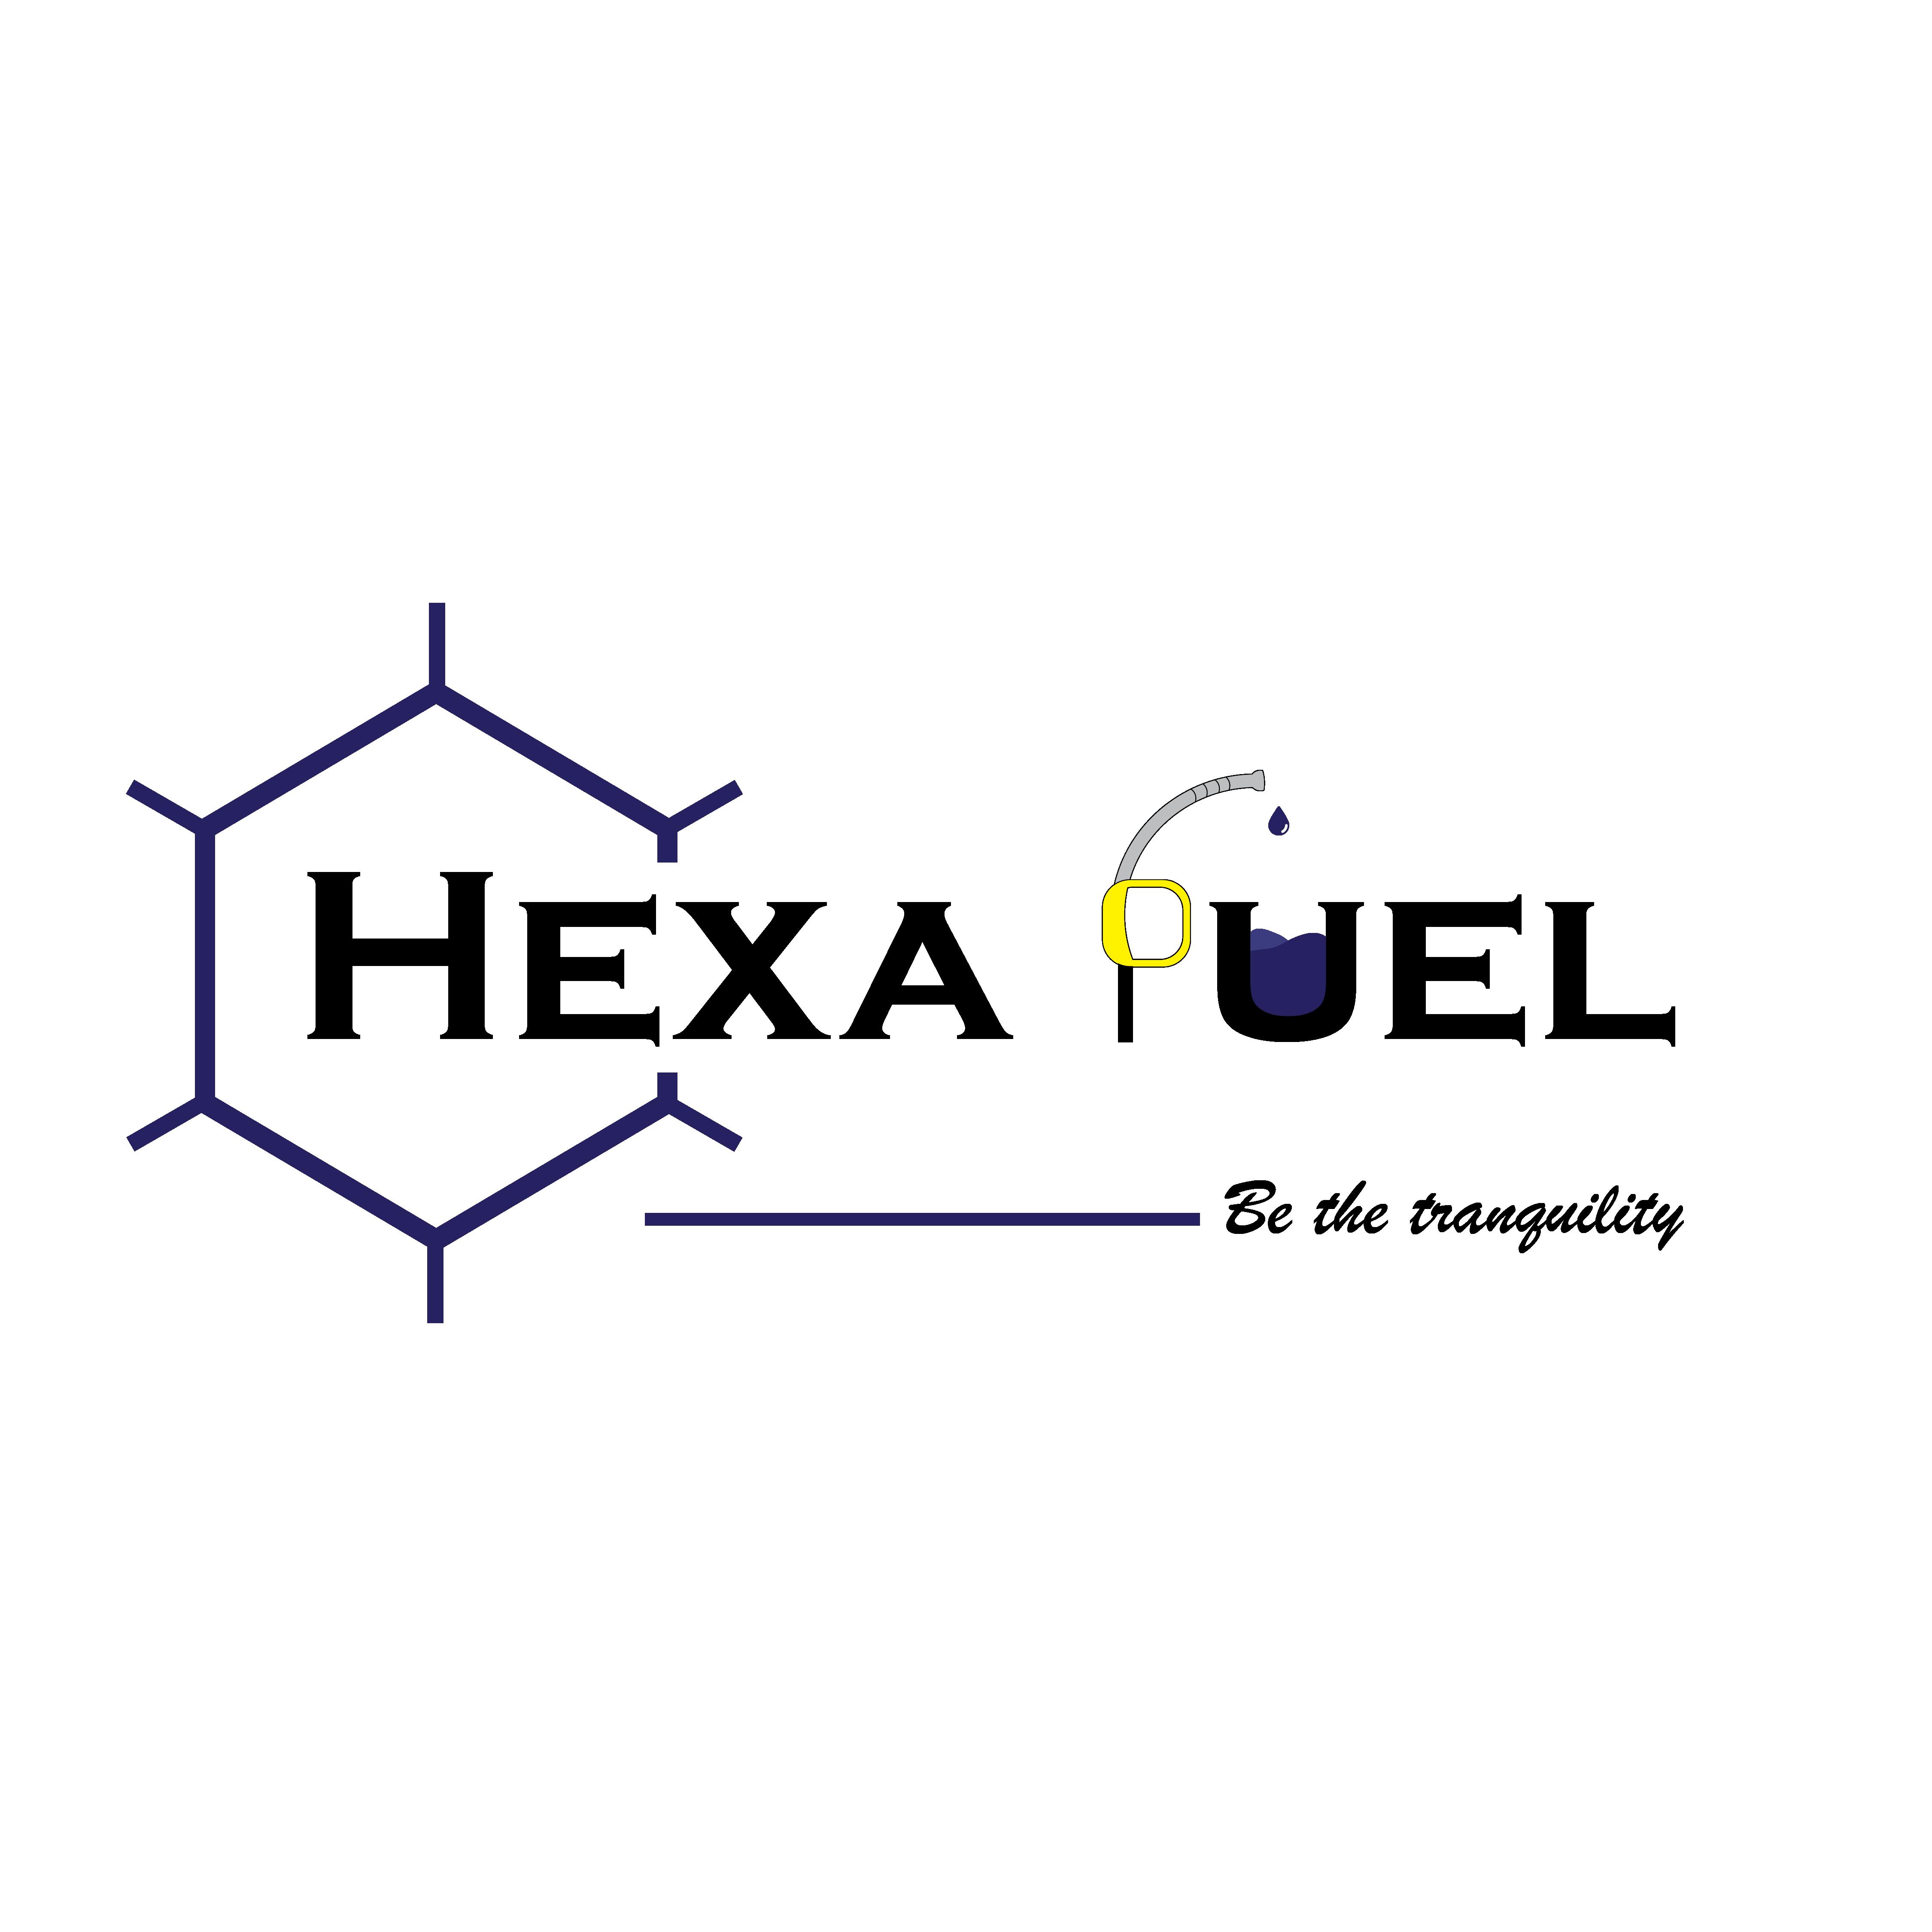 Hexa Fuel